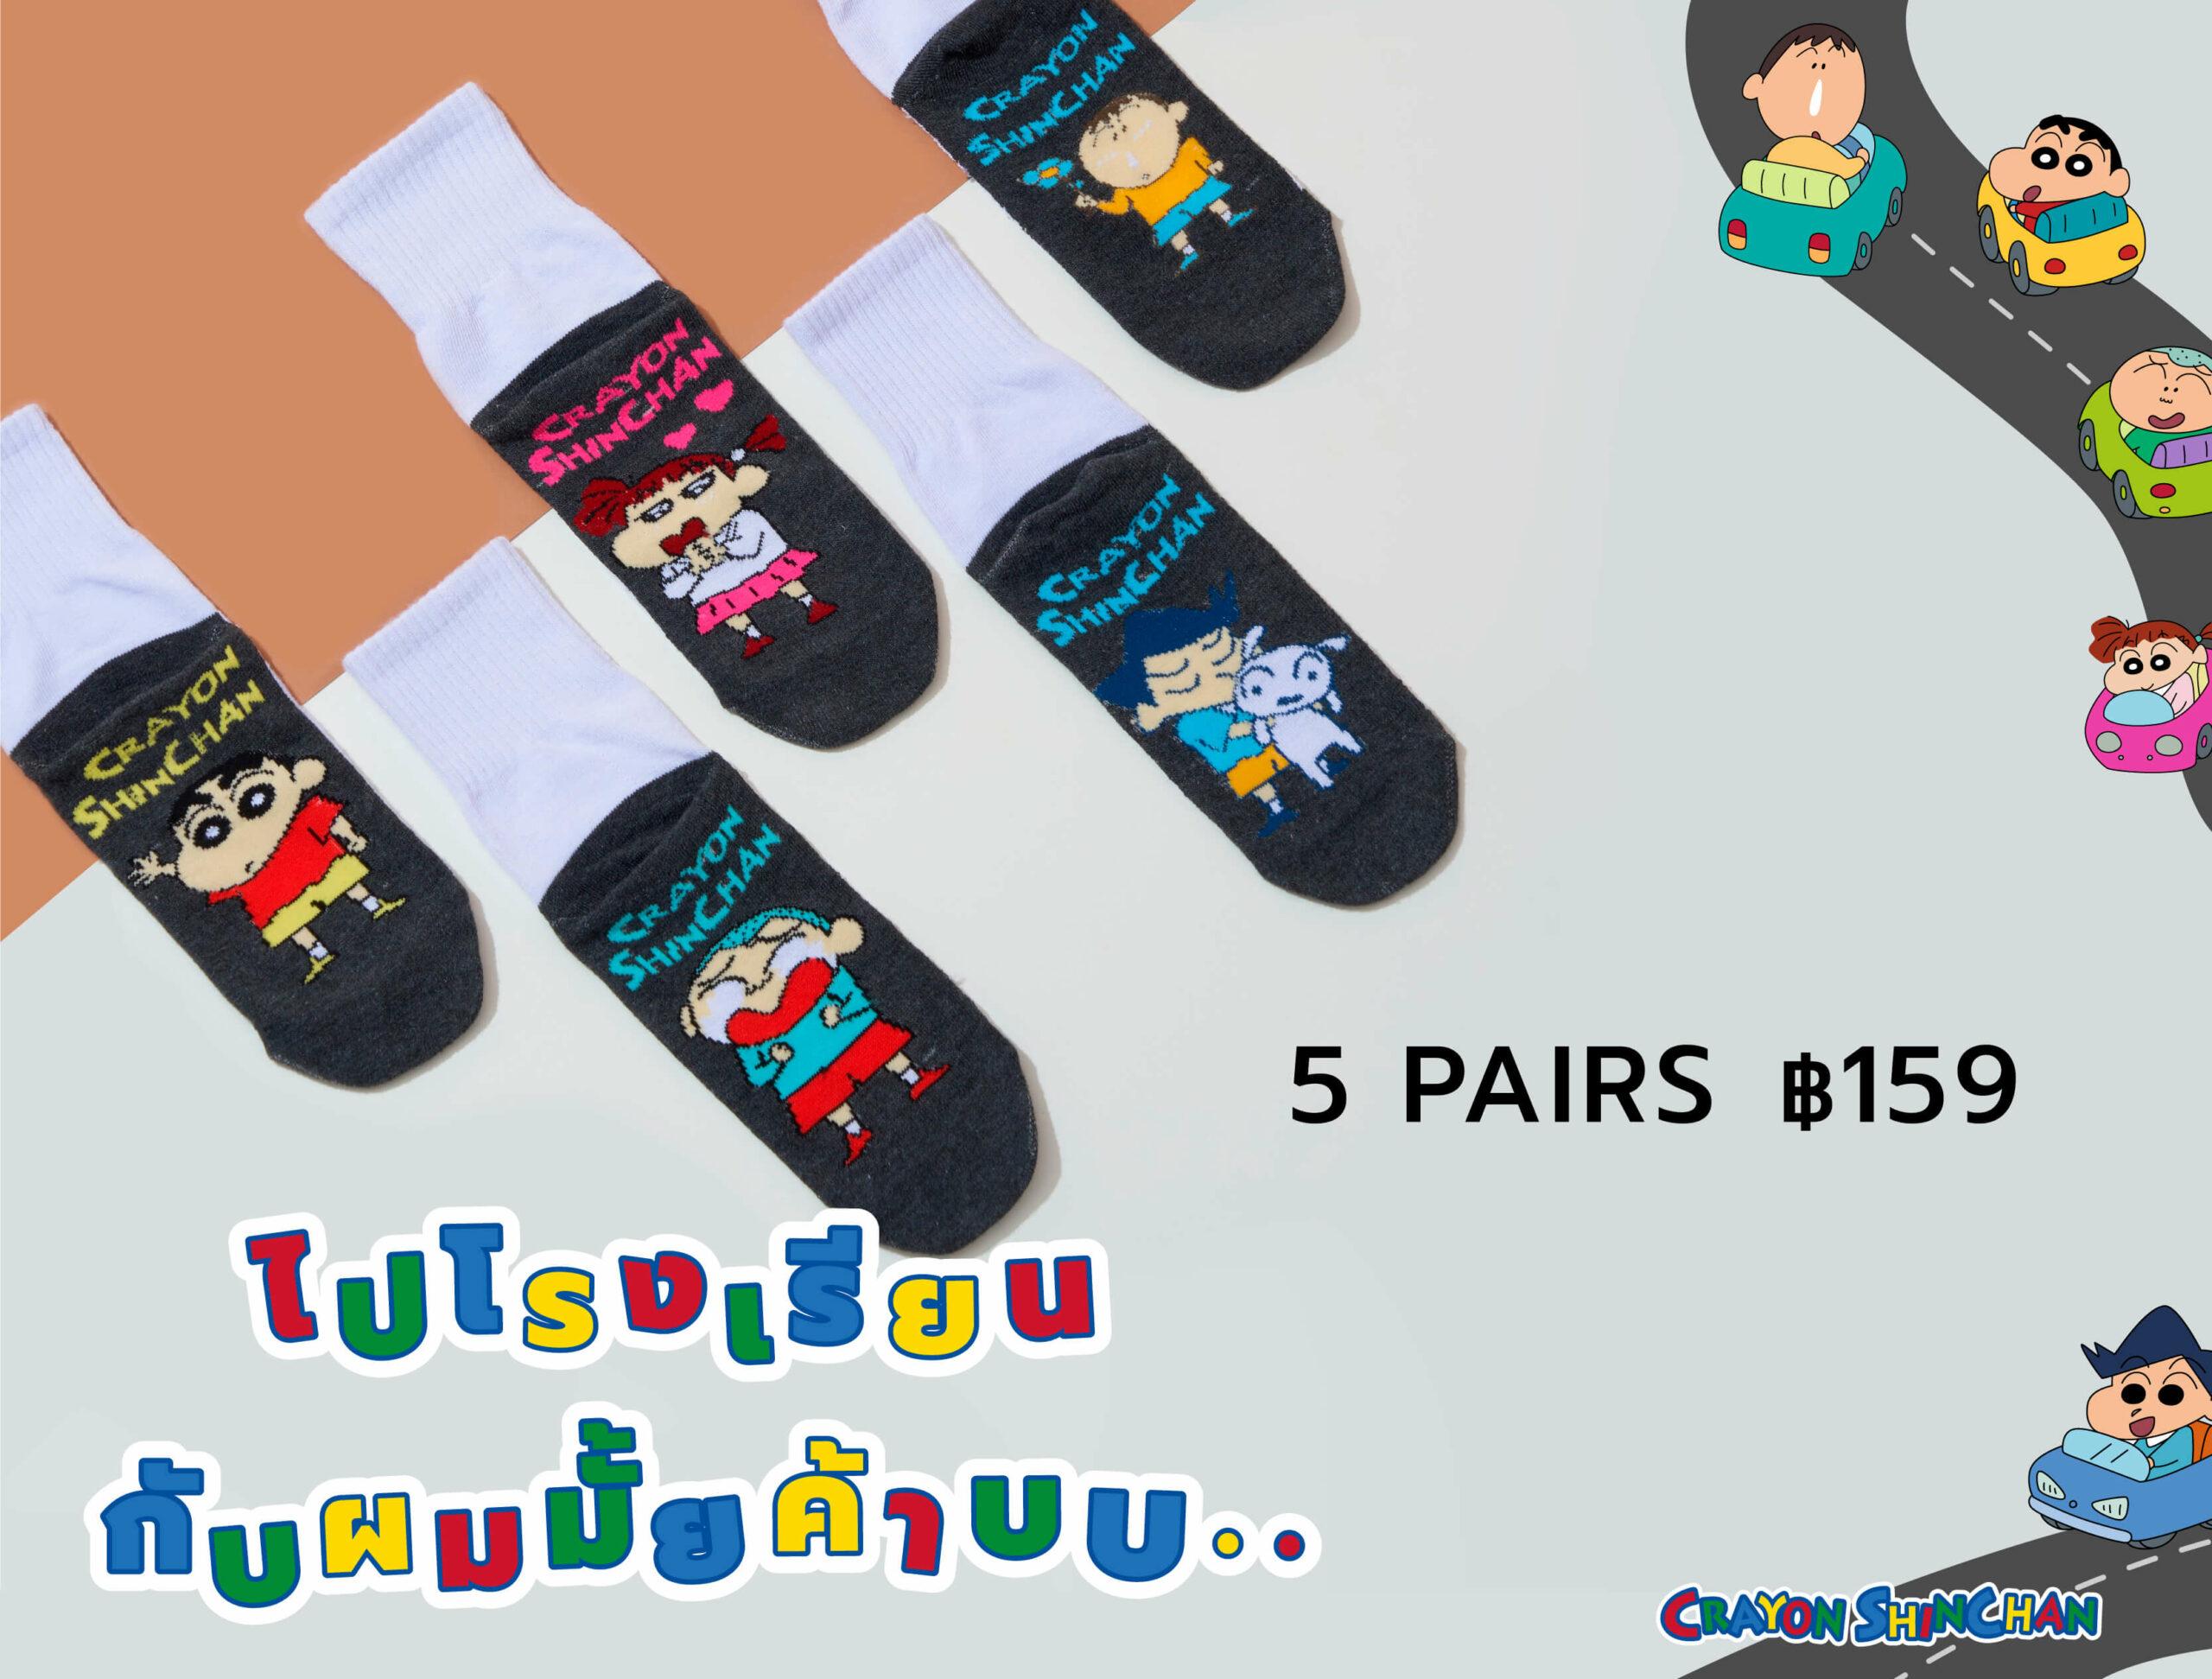 socksy ถุงเท้านักเรียน ถุงเท้าแฟชั่น